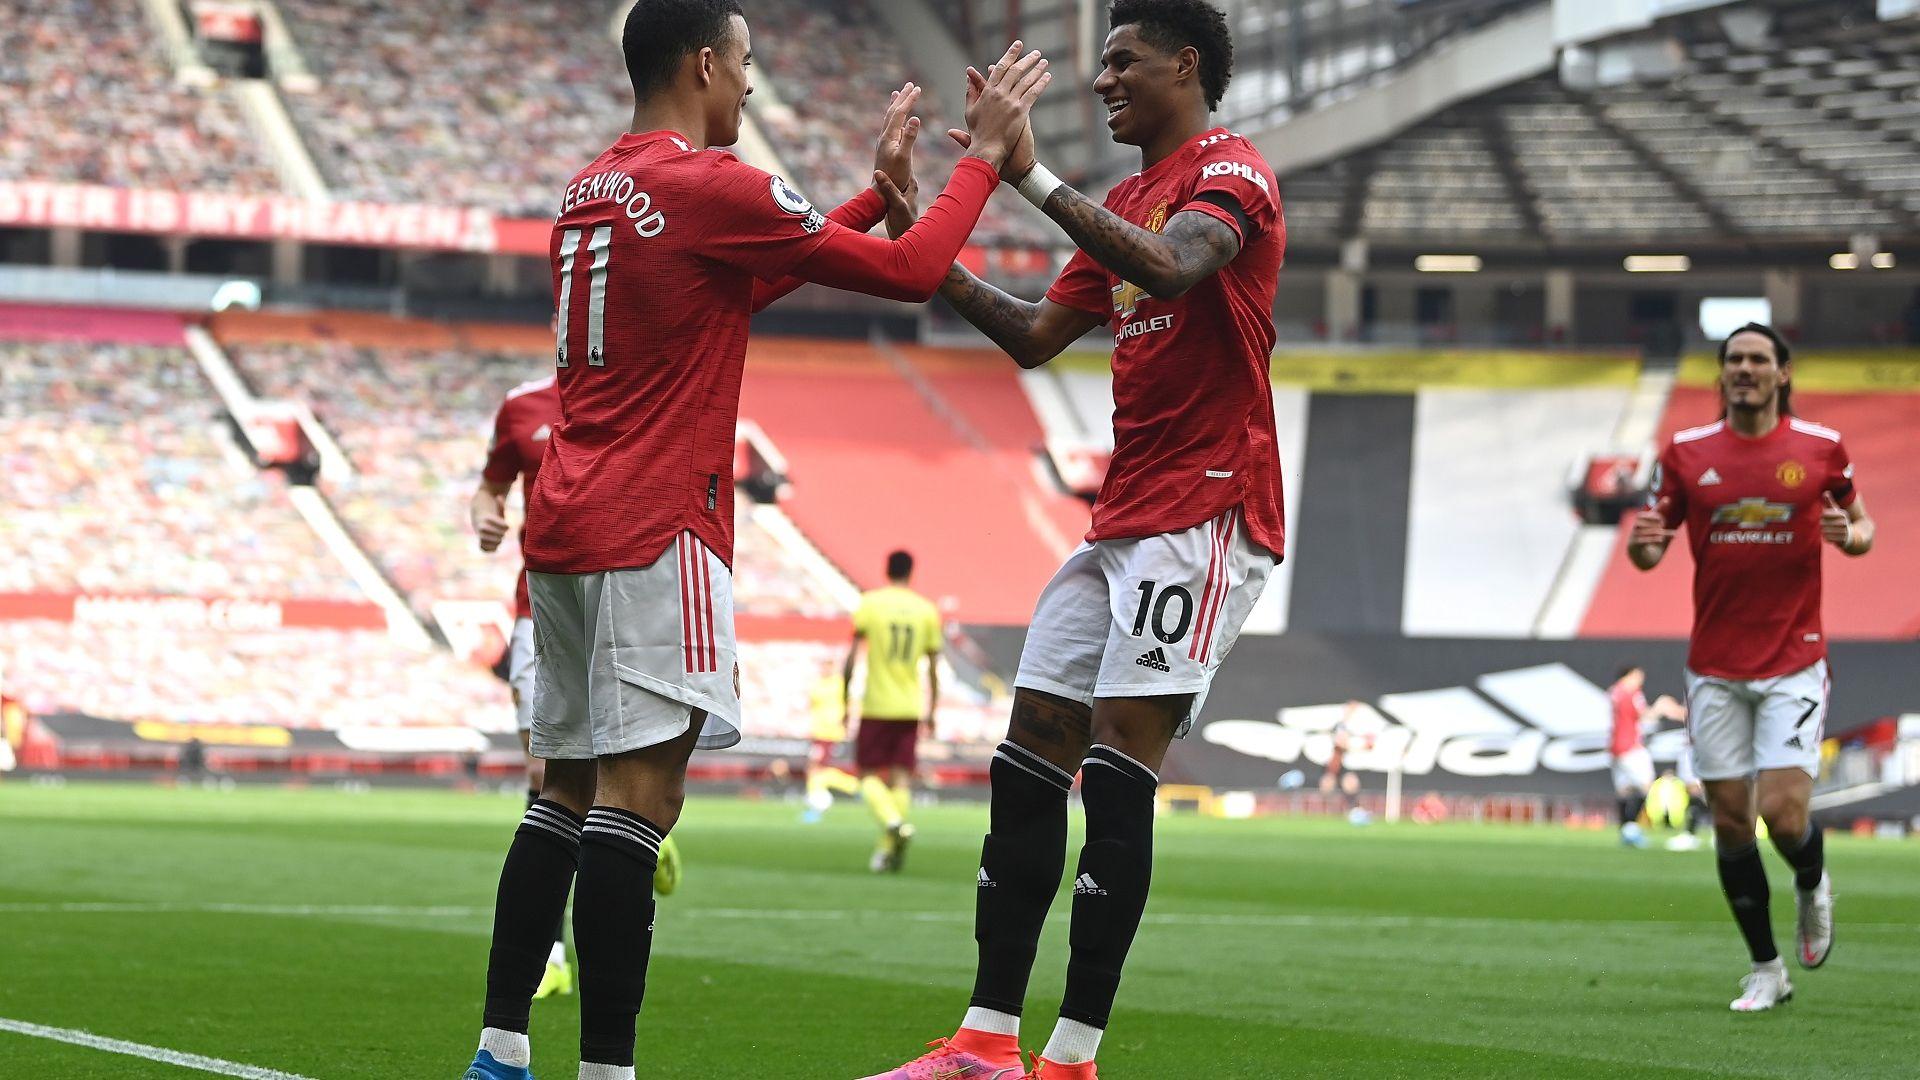 Манчестър Юнайтед с късен успех, а ВАР пак изуми с отсъждане в мача на Арснеал